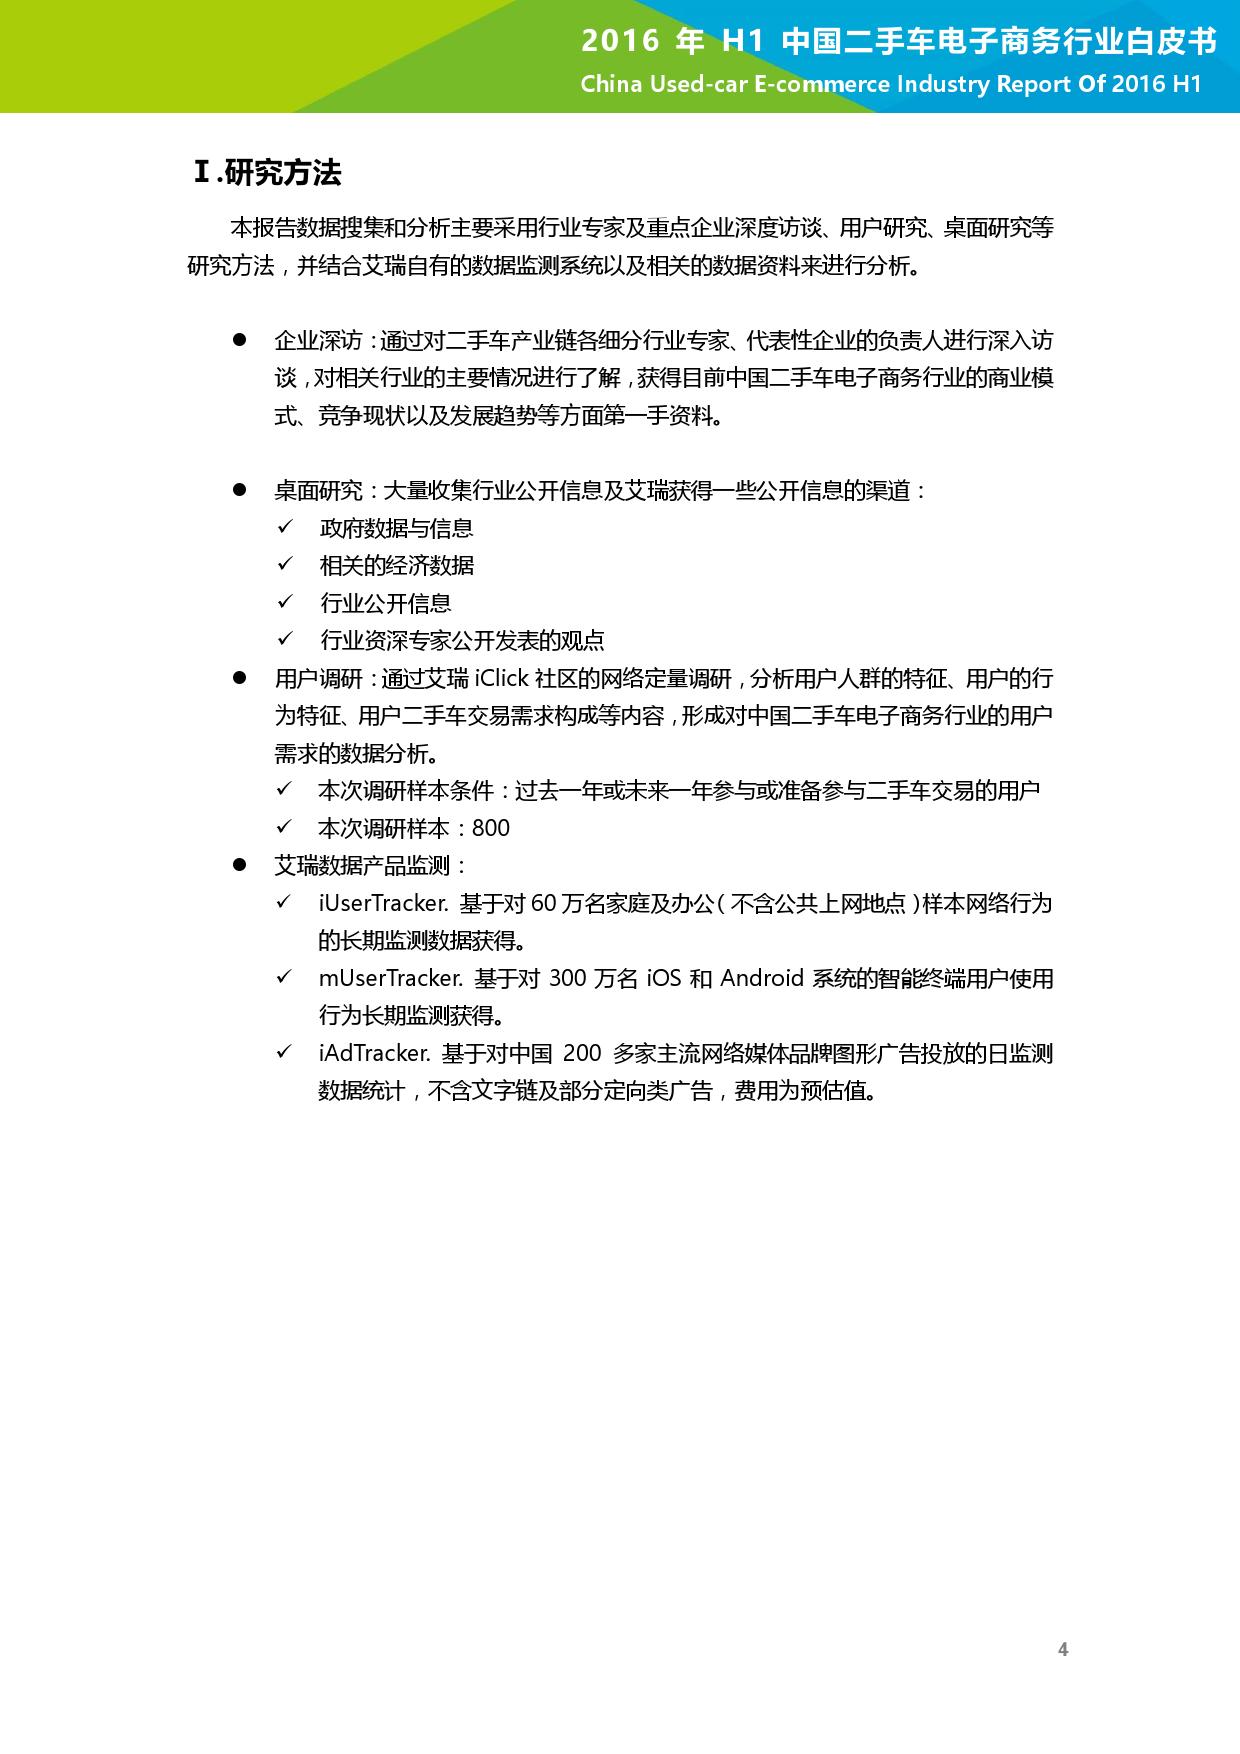 2016年H1中国二手车电子商务行业白皮书_000005